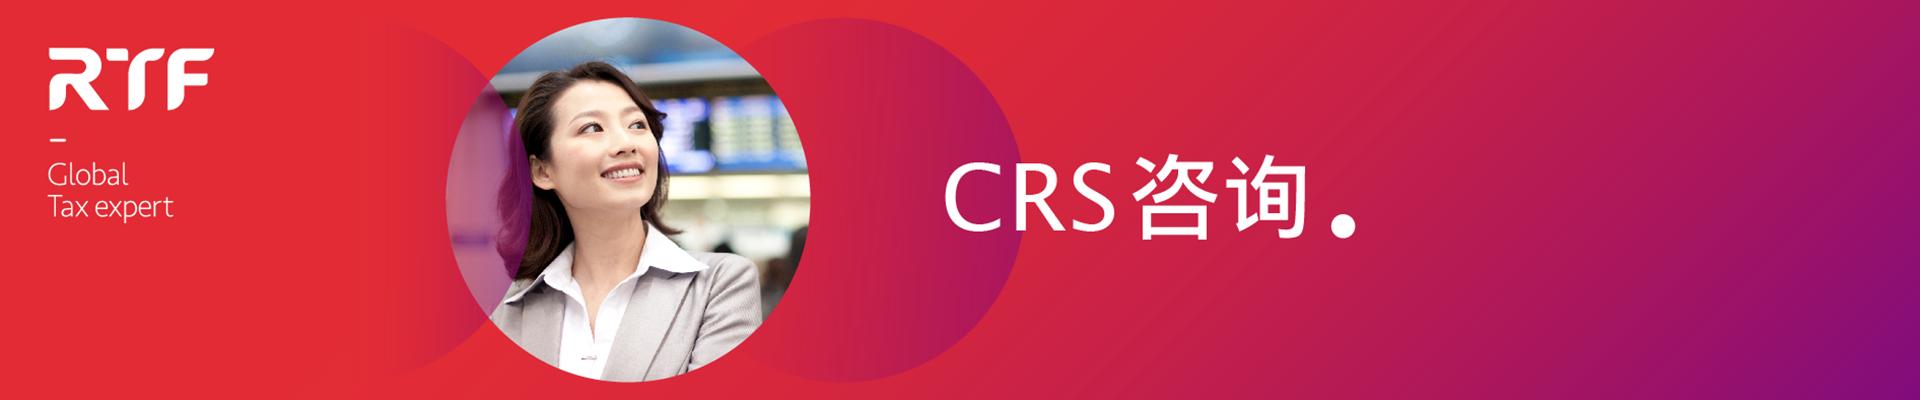 CRS财税咨询解决方案